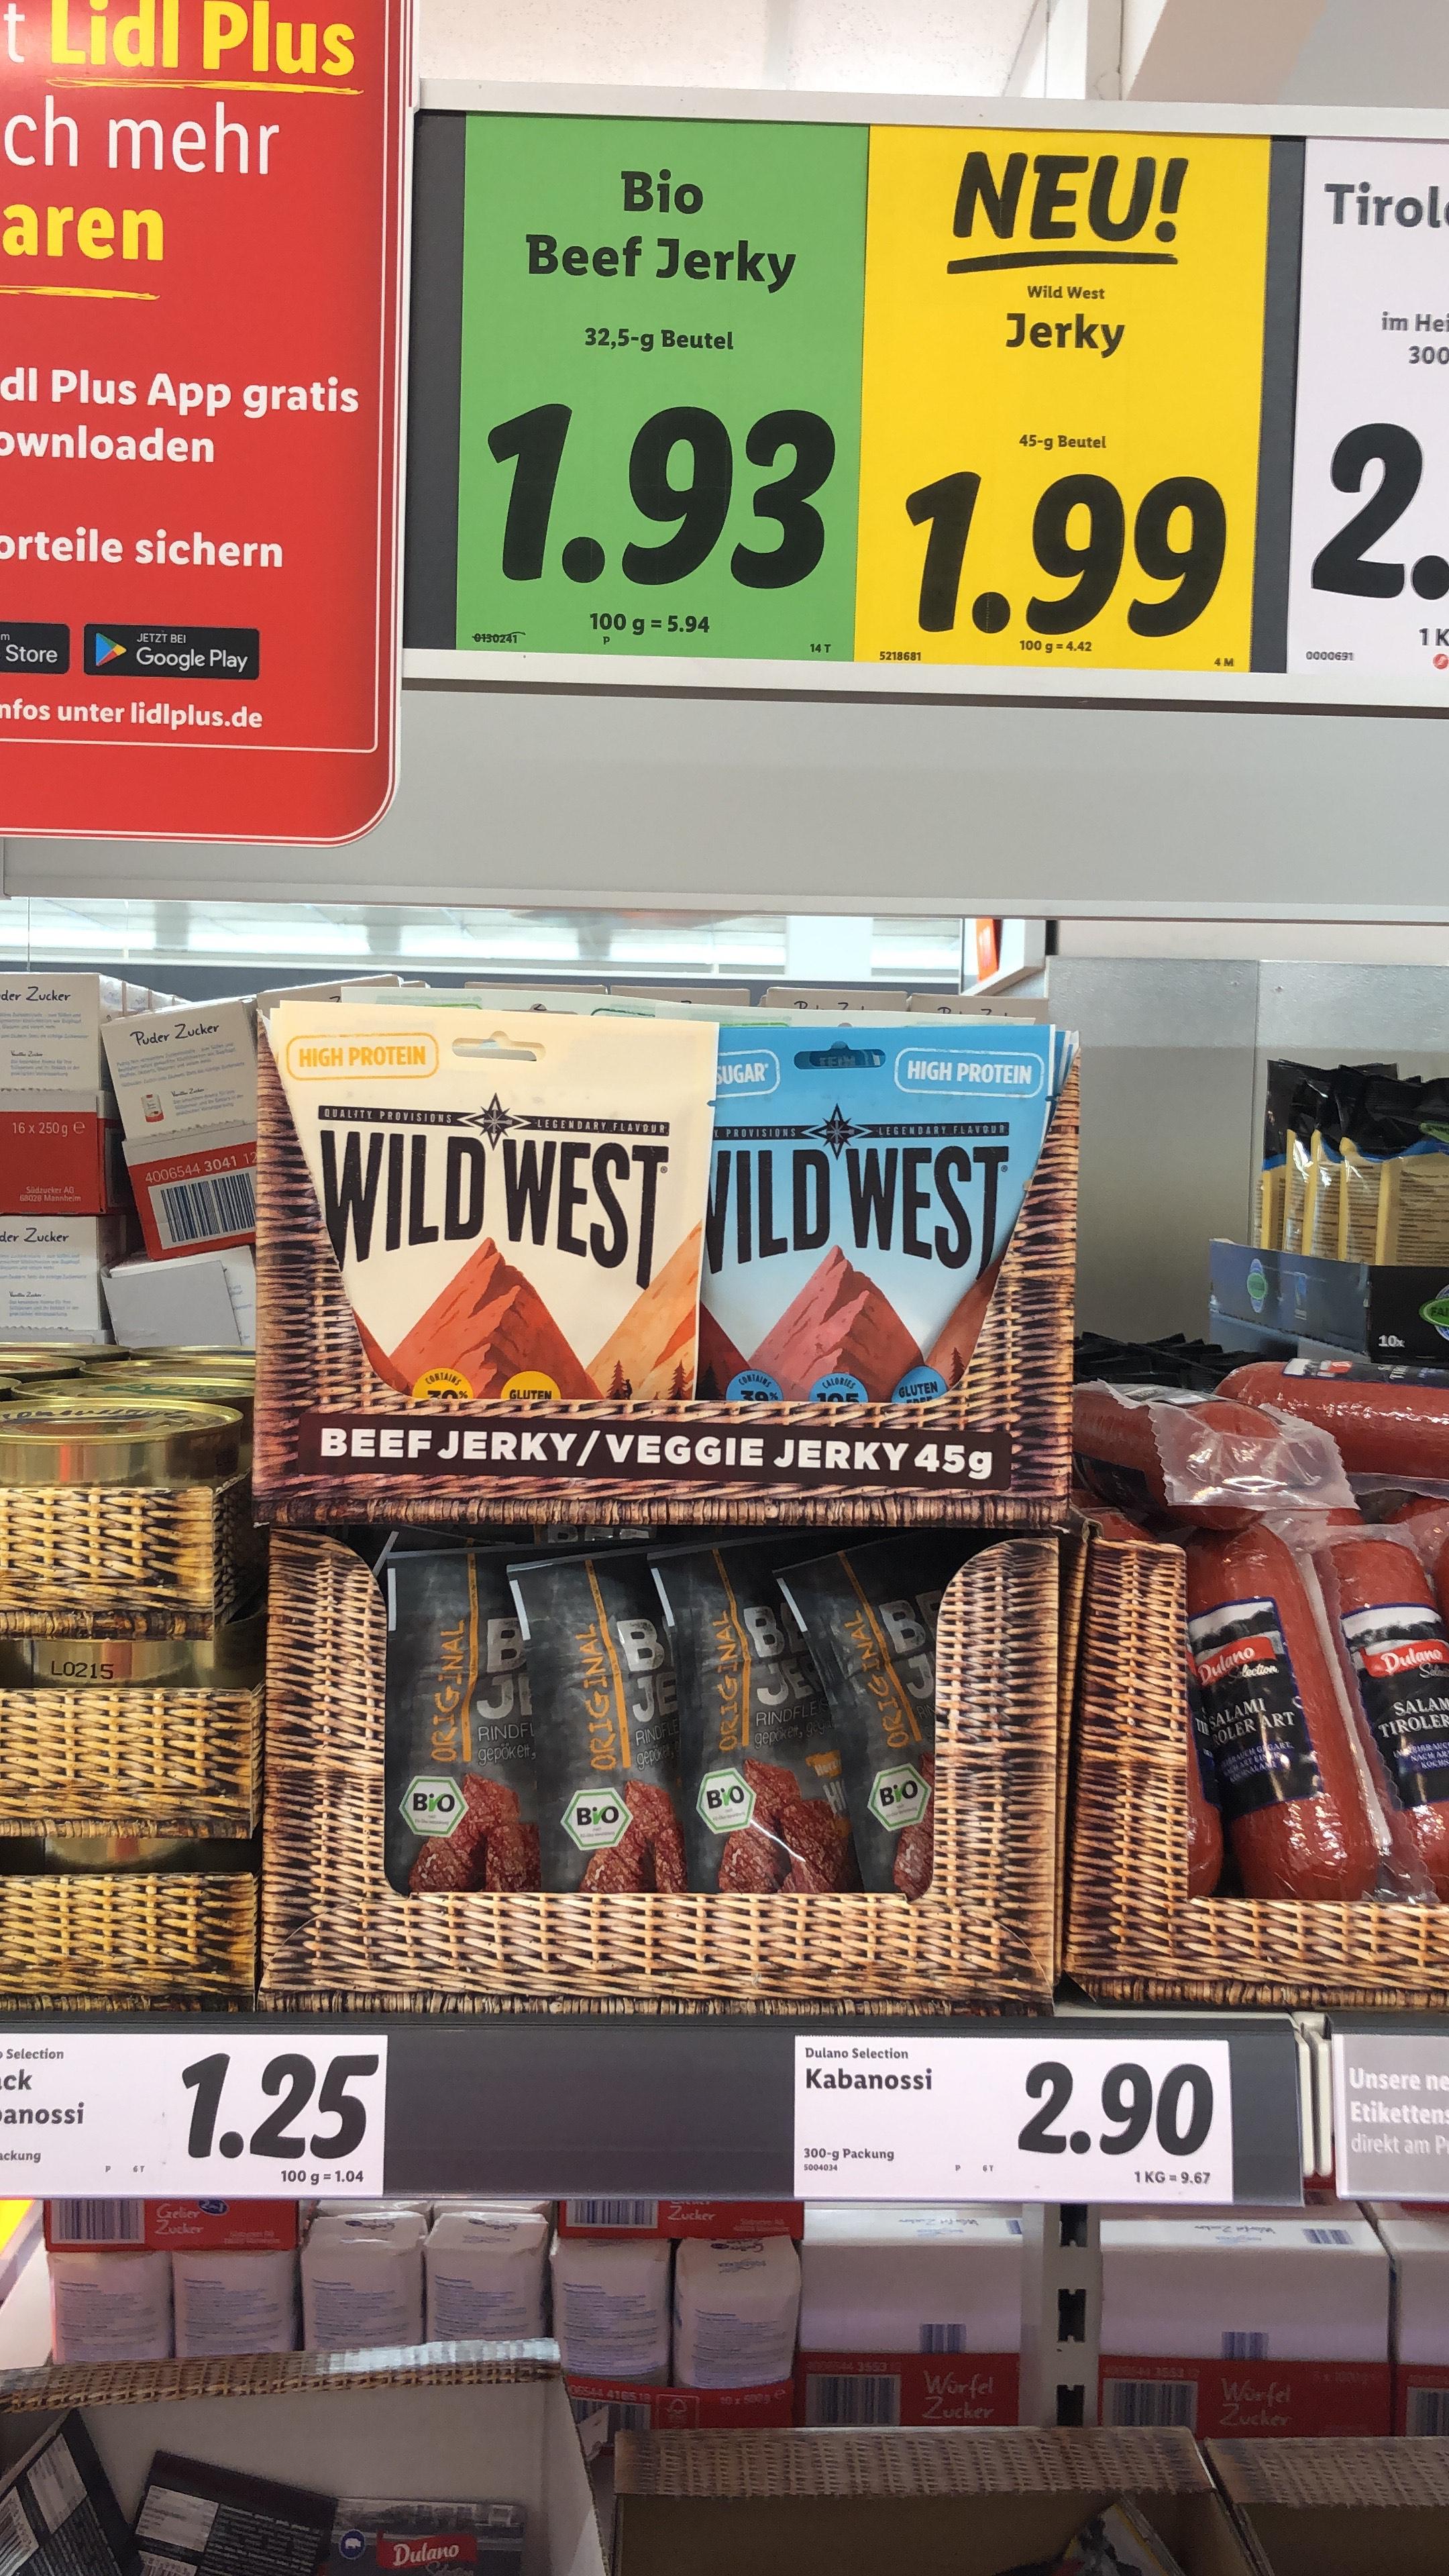 Wild West Beef Jerky / Veggie Jerky 45g bei Lidl